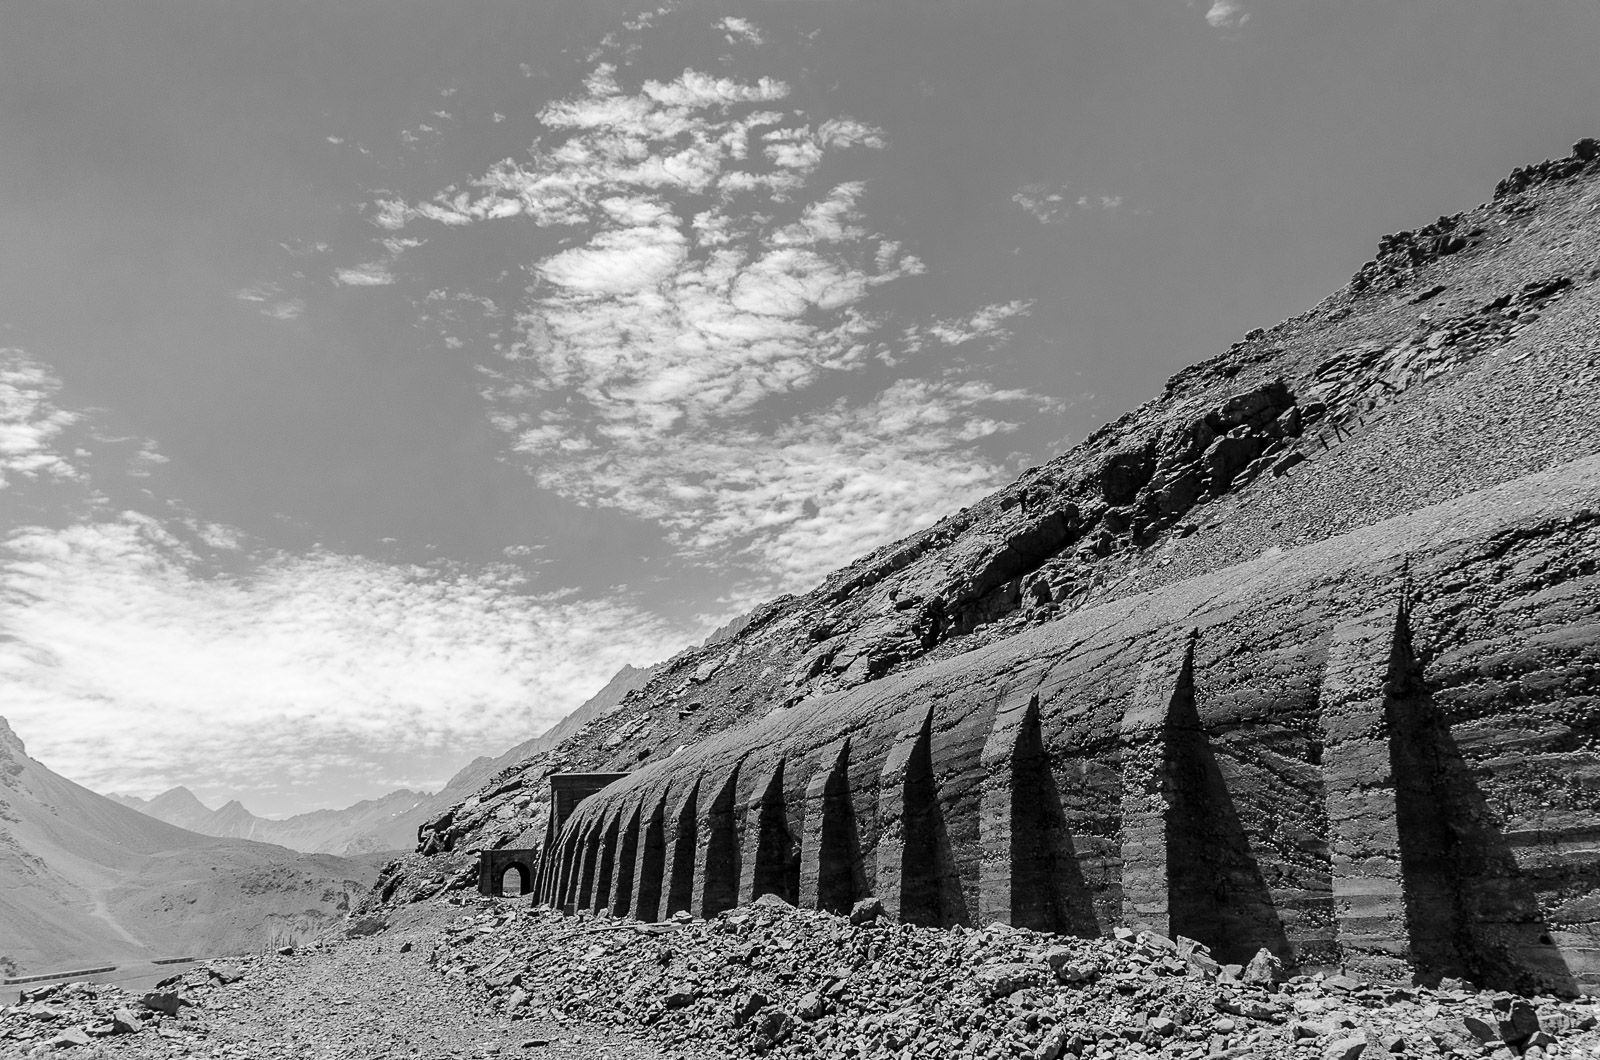 Ferrocarril Trasandino - Eduardo Cerda-Sánchez, Fotografia